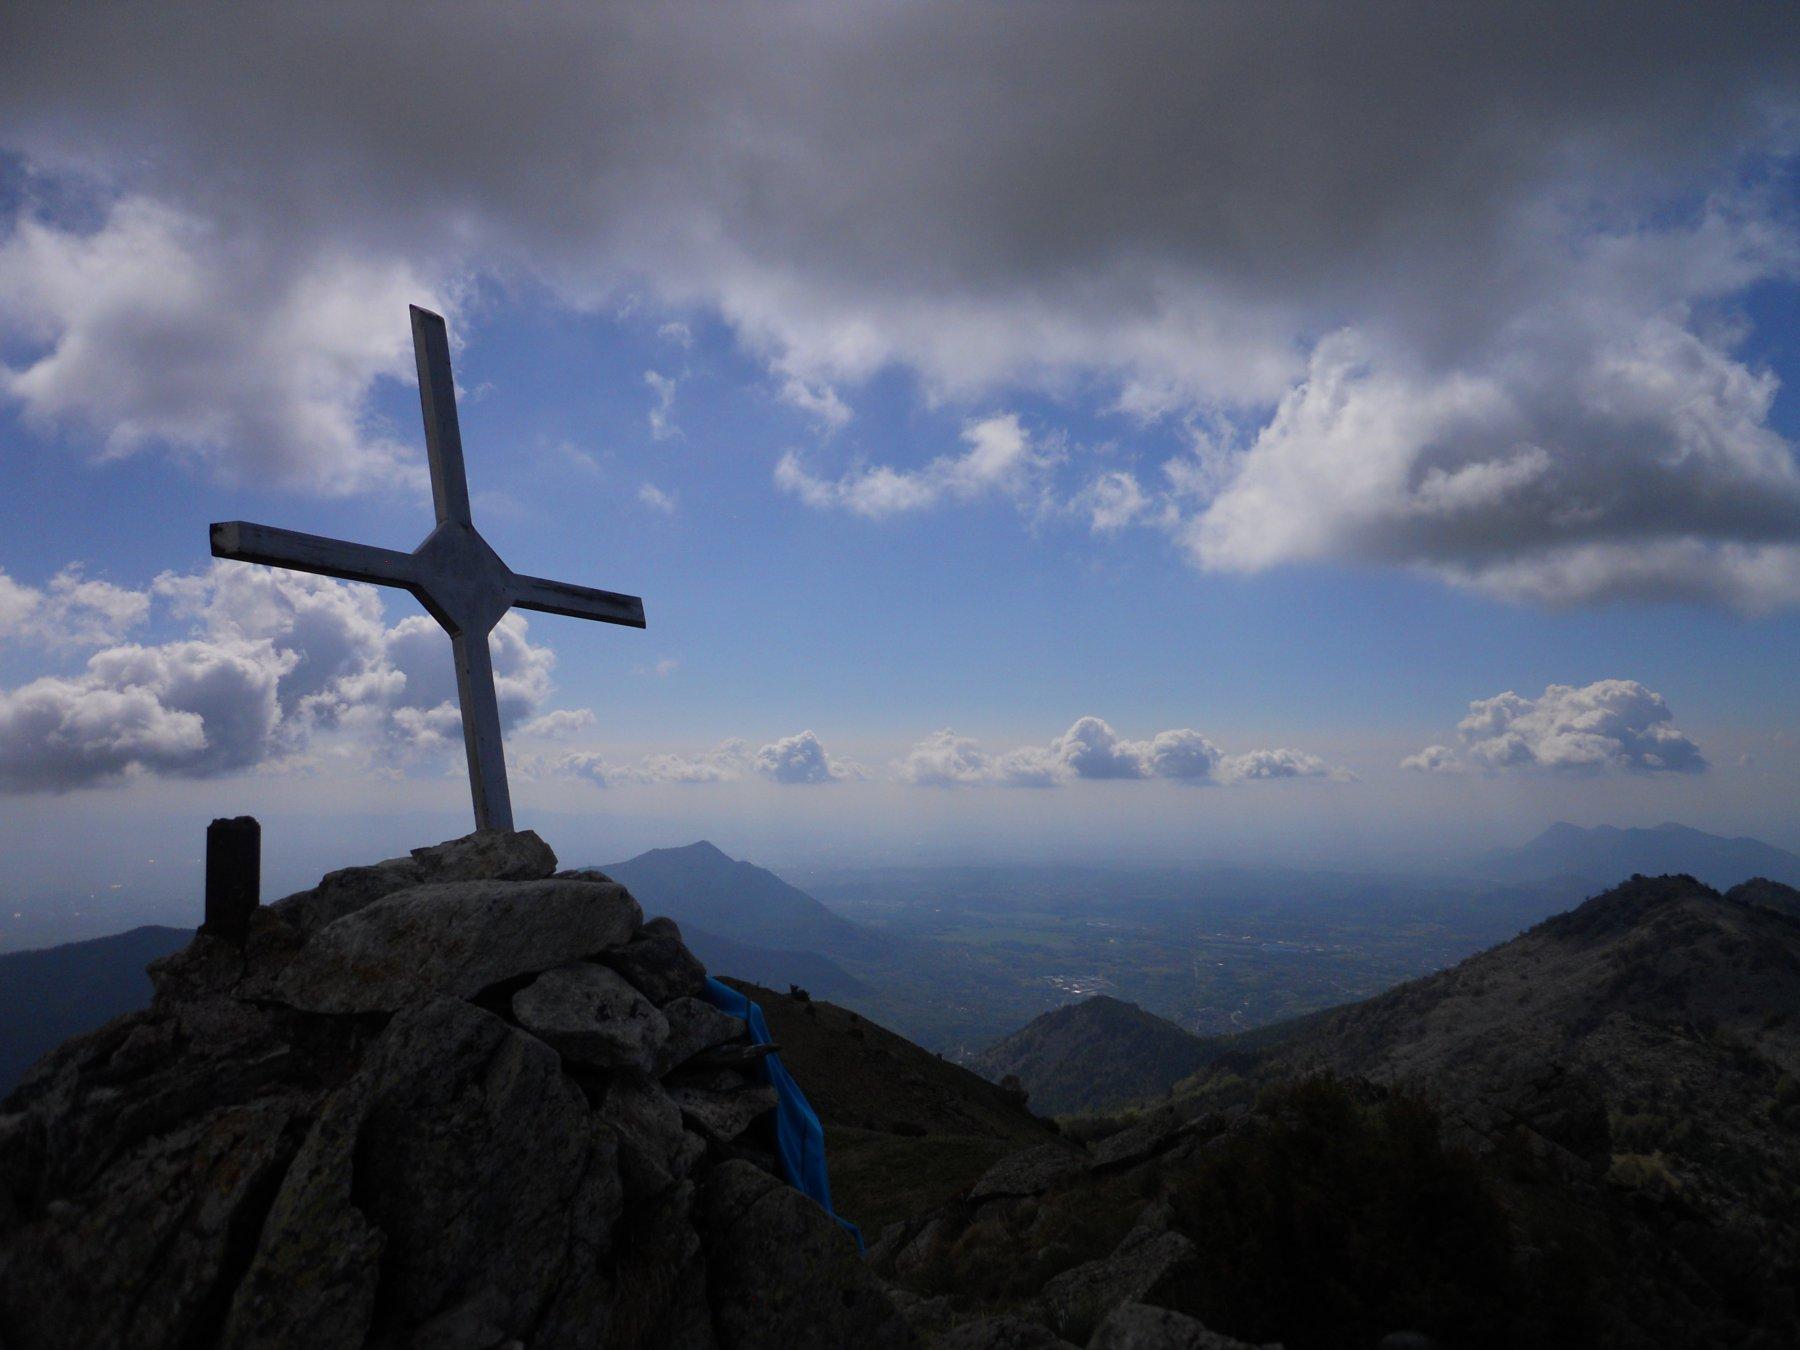 Croce sbilenca, con, da sinistra Musinè, pianura e a dx, Sapei e Rocca Sella